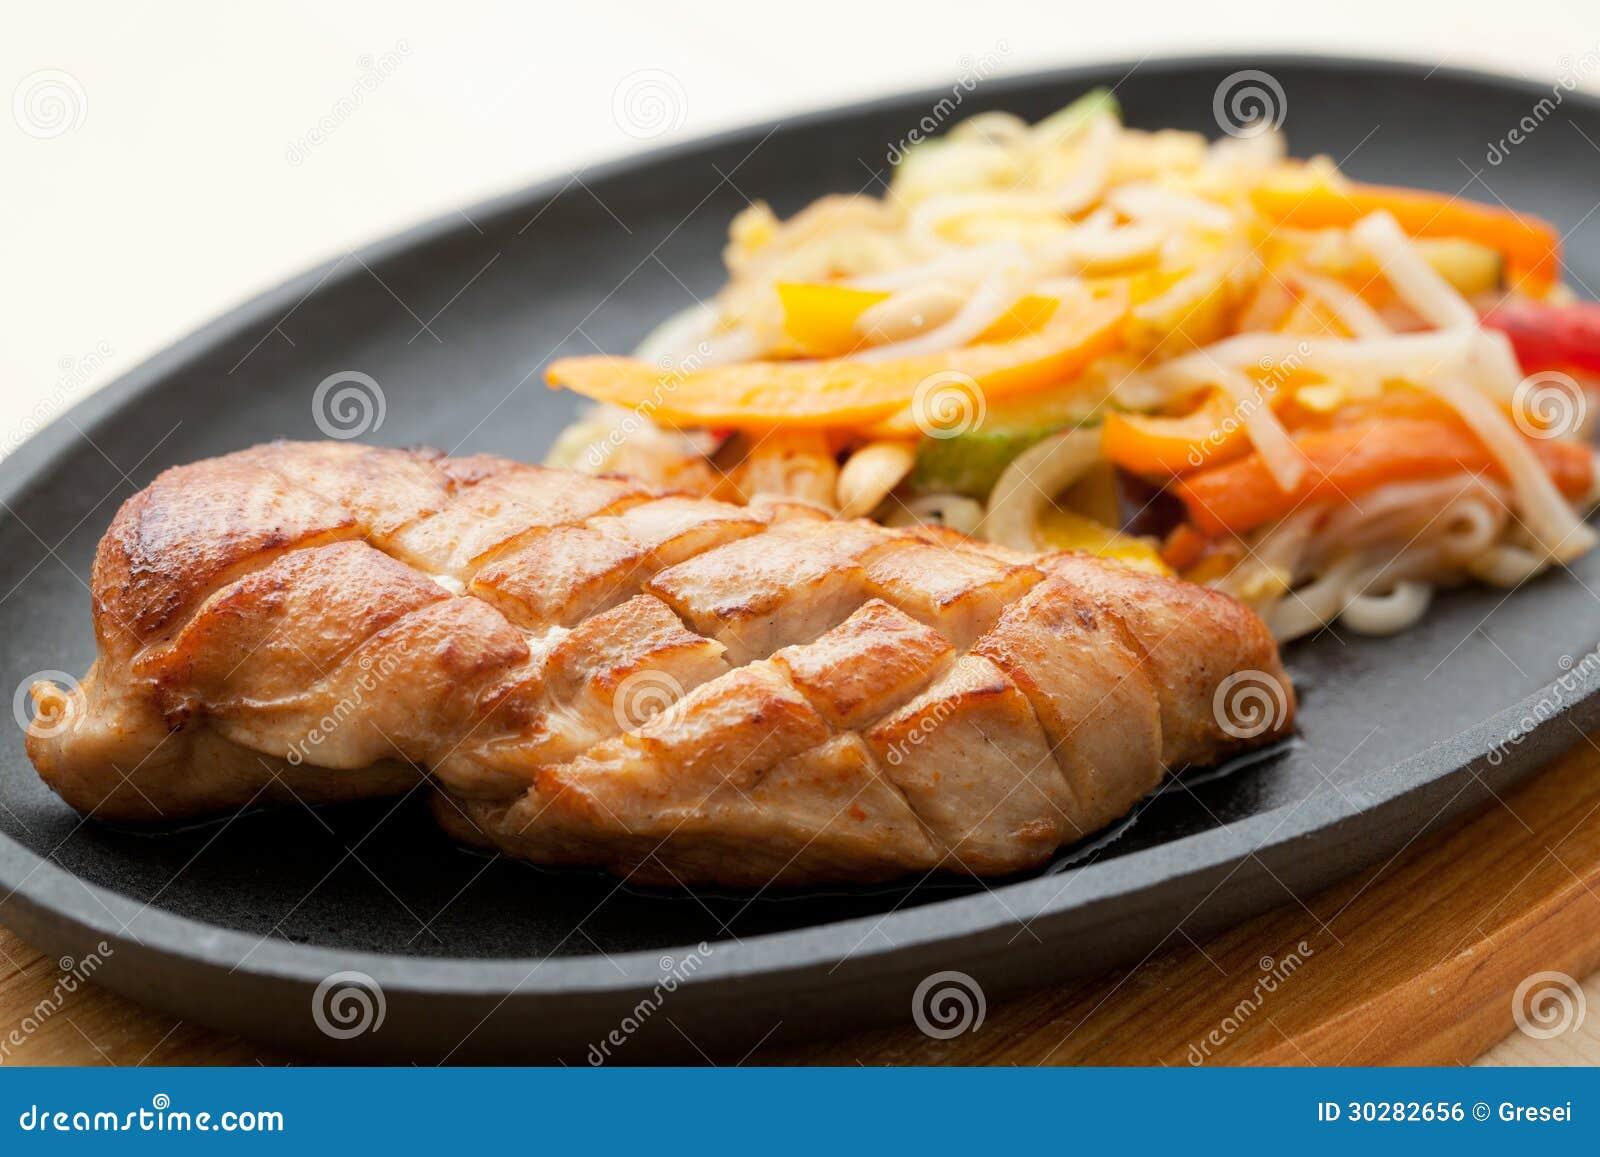 烤鸡胸脯和面条